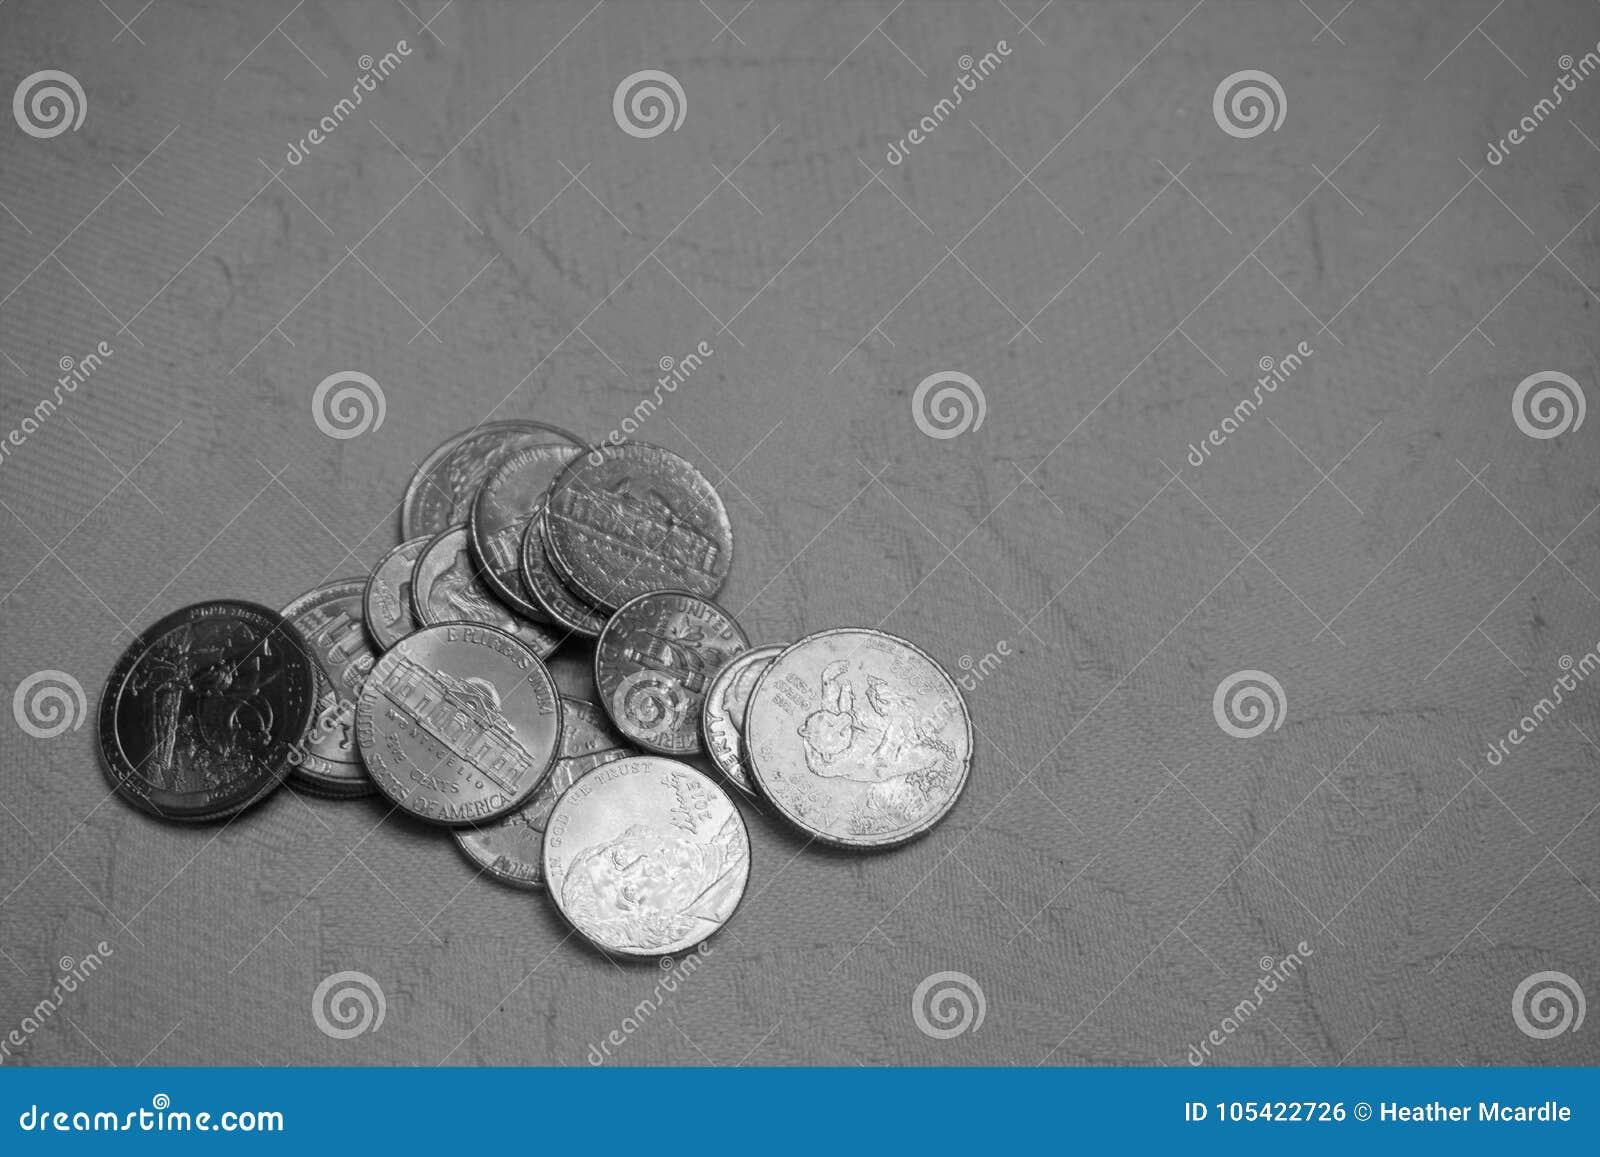 Stapel van Amerikaanse muntstukken op damasttafelkleed